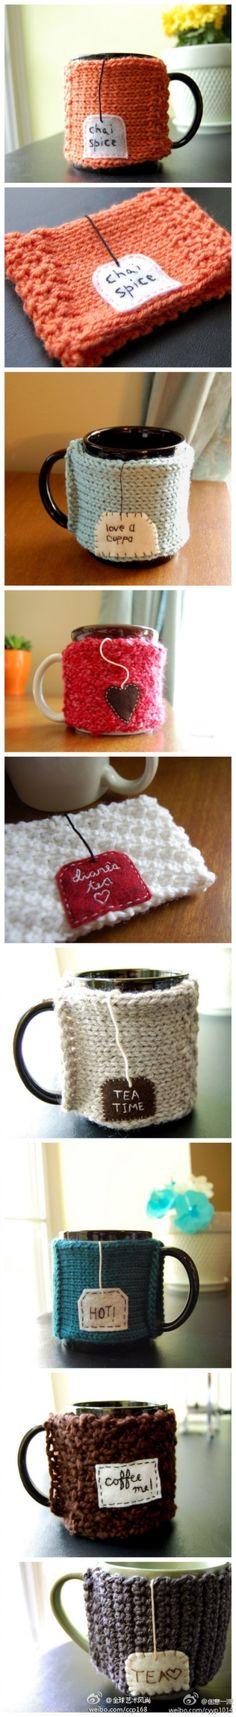 Goed bedacht! | Zelf maken en kado geven. www.pinterest.com Door Dees458